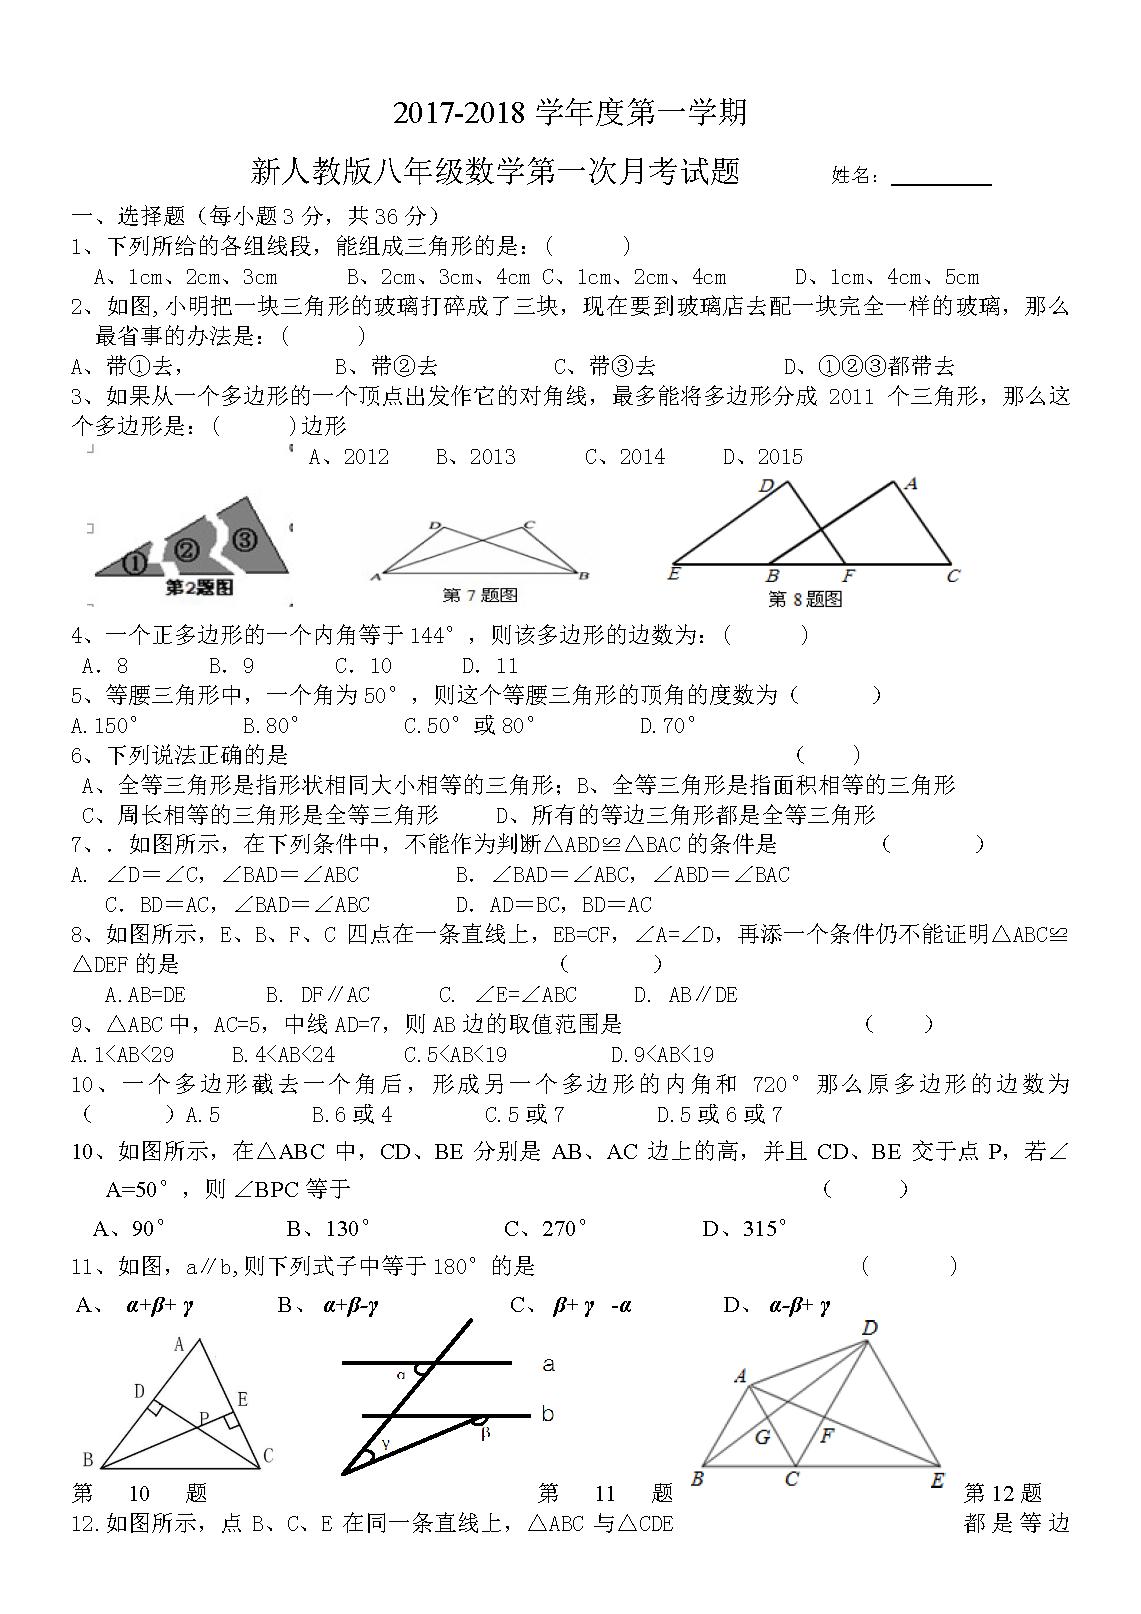 九年级下册数学月考_四川内江威远越溪中心学校2017-2018新人教版八年级数学上第一次 ...